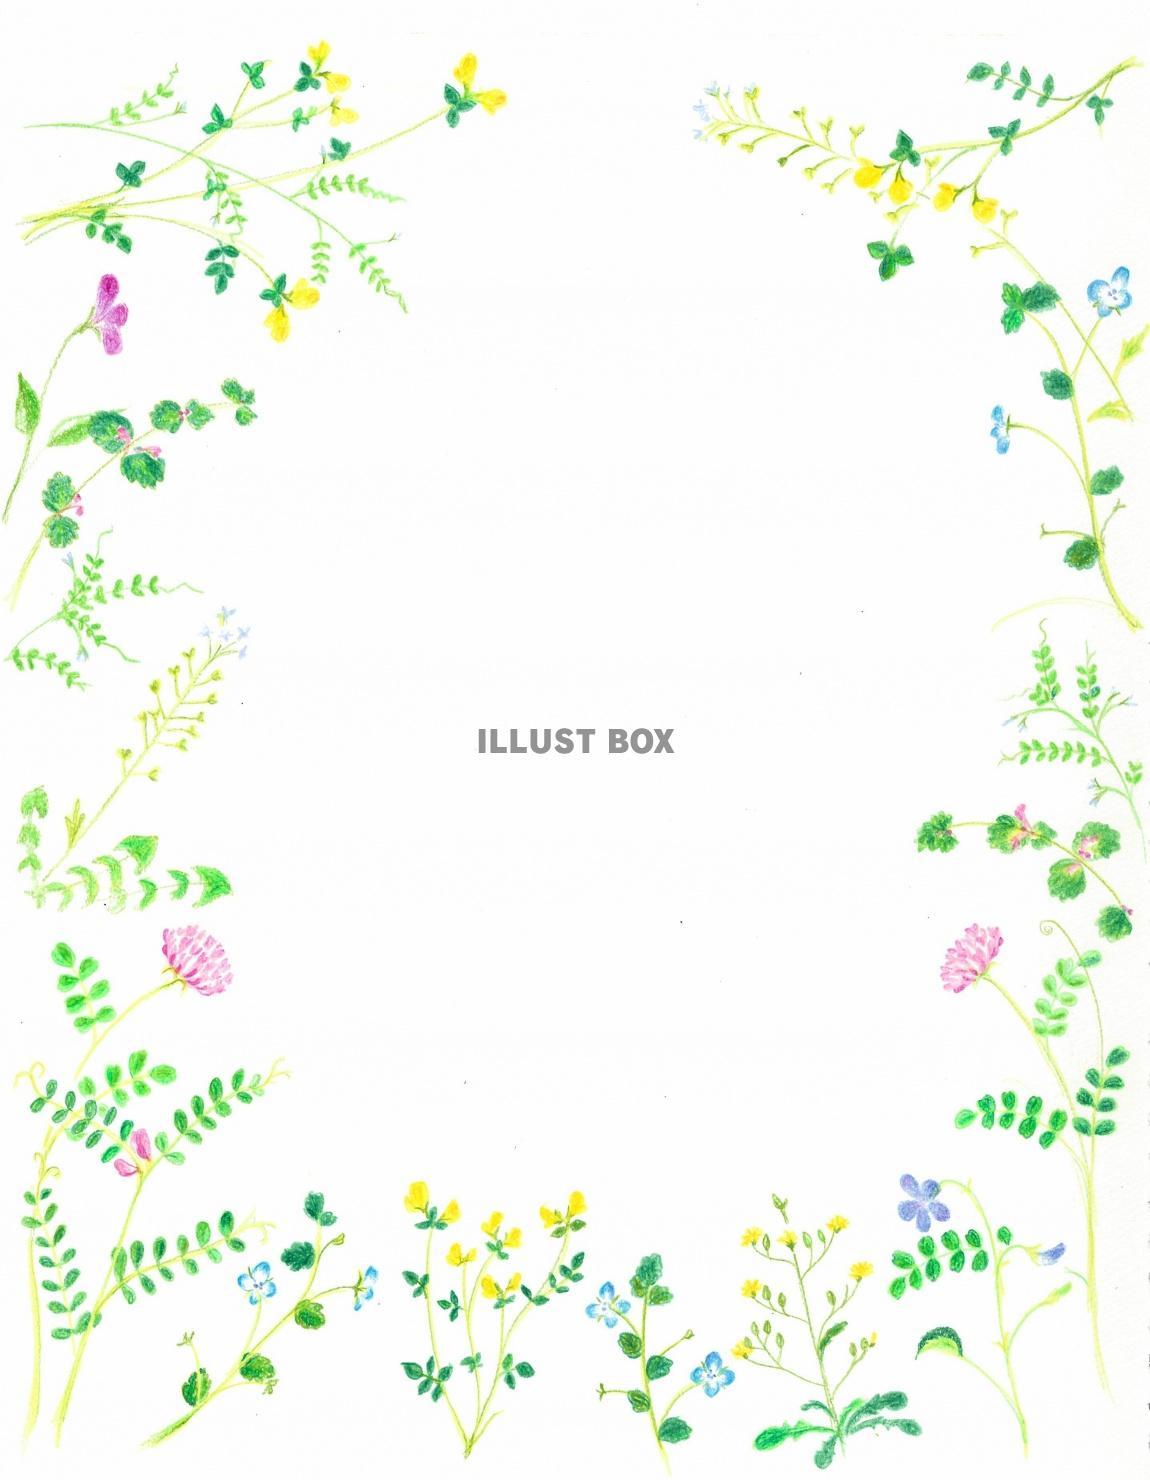 無料イラスト 春めく野の花✿手描きフレーム 縦